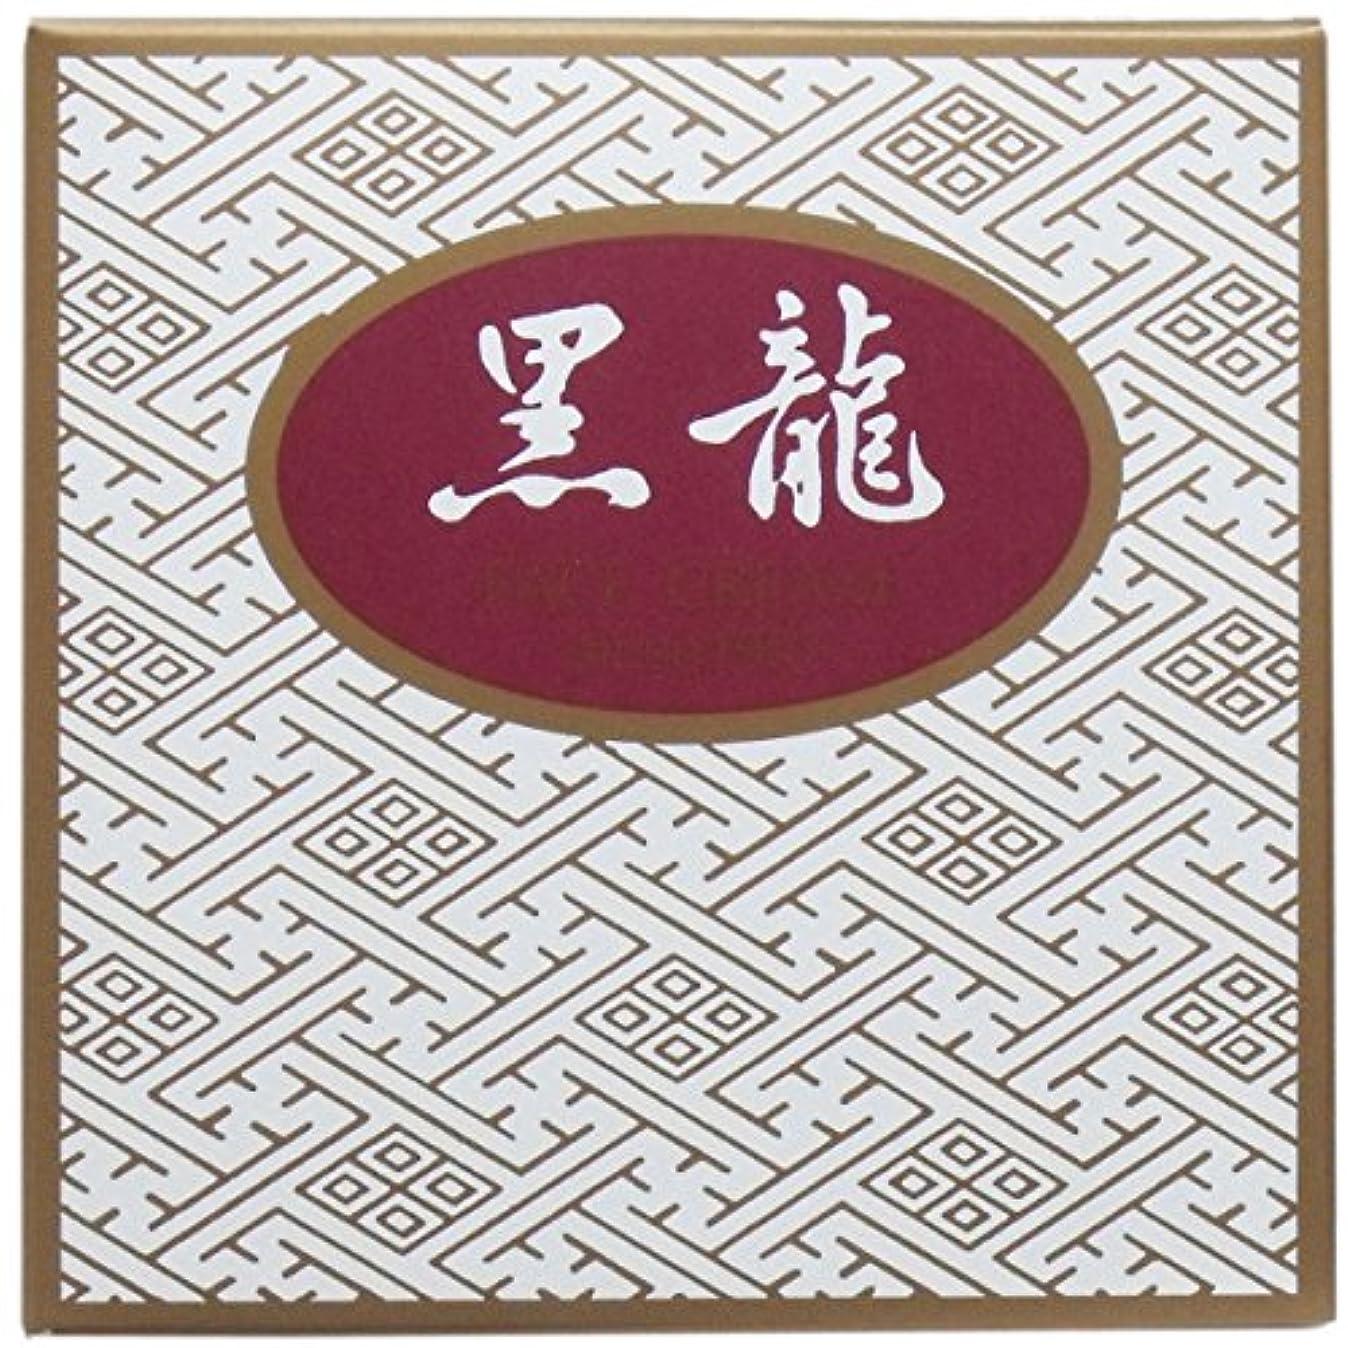 薬効クリーム 黒龍 金線 70g×3個セット